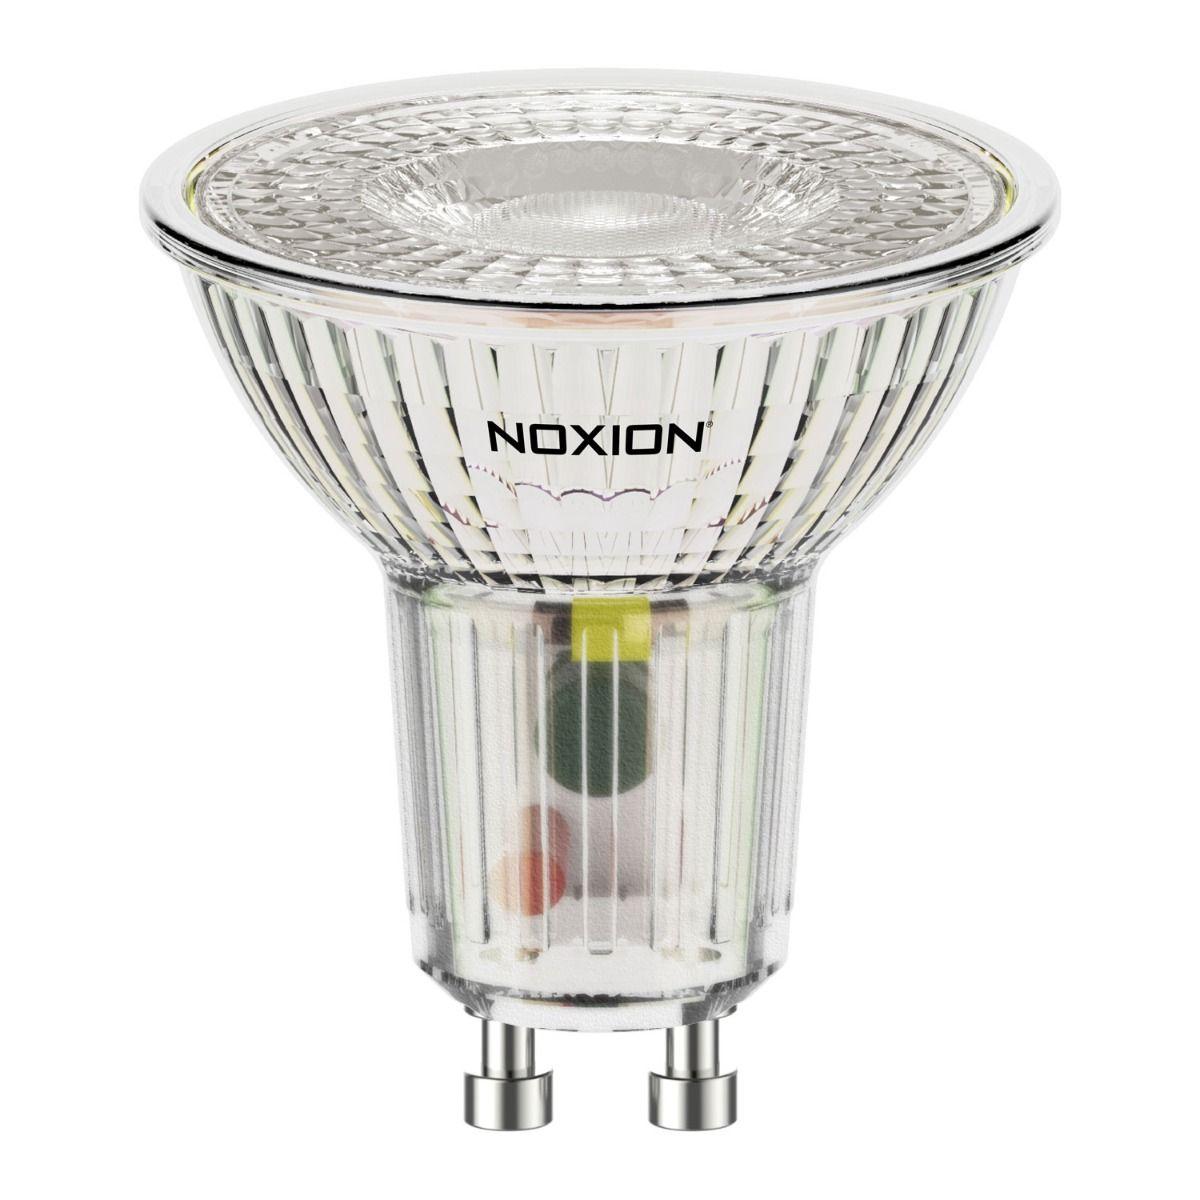 Noxion LED Spot GU10 3.7W 830 36D 260lm   Warm White - Replaces 35W